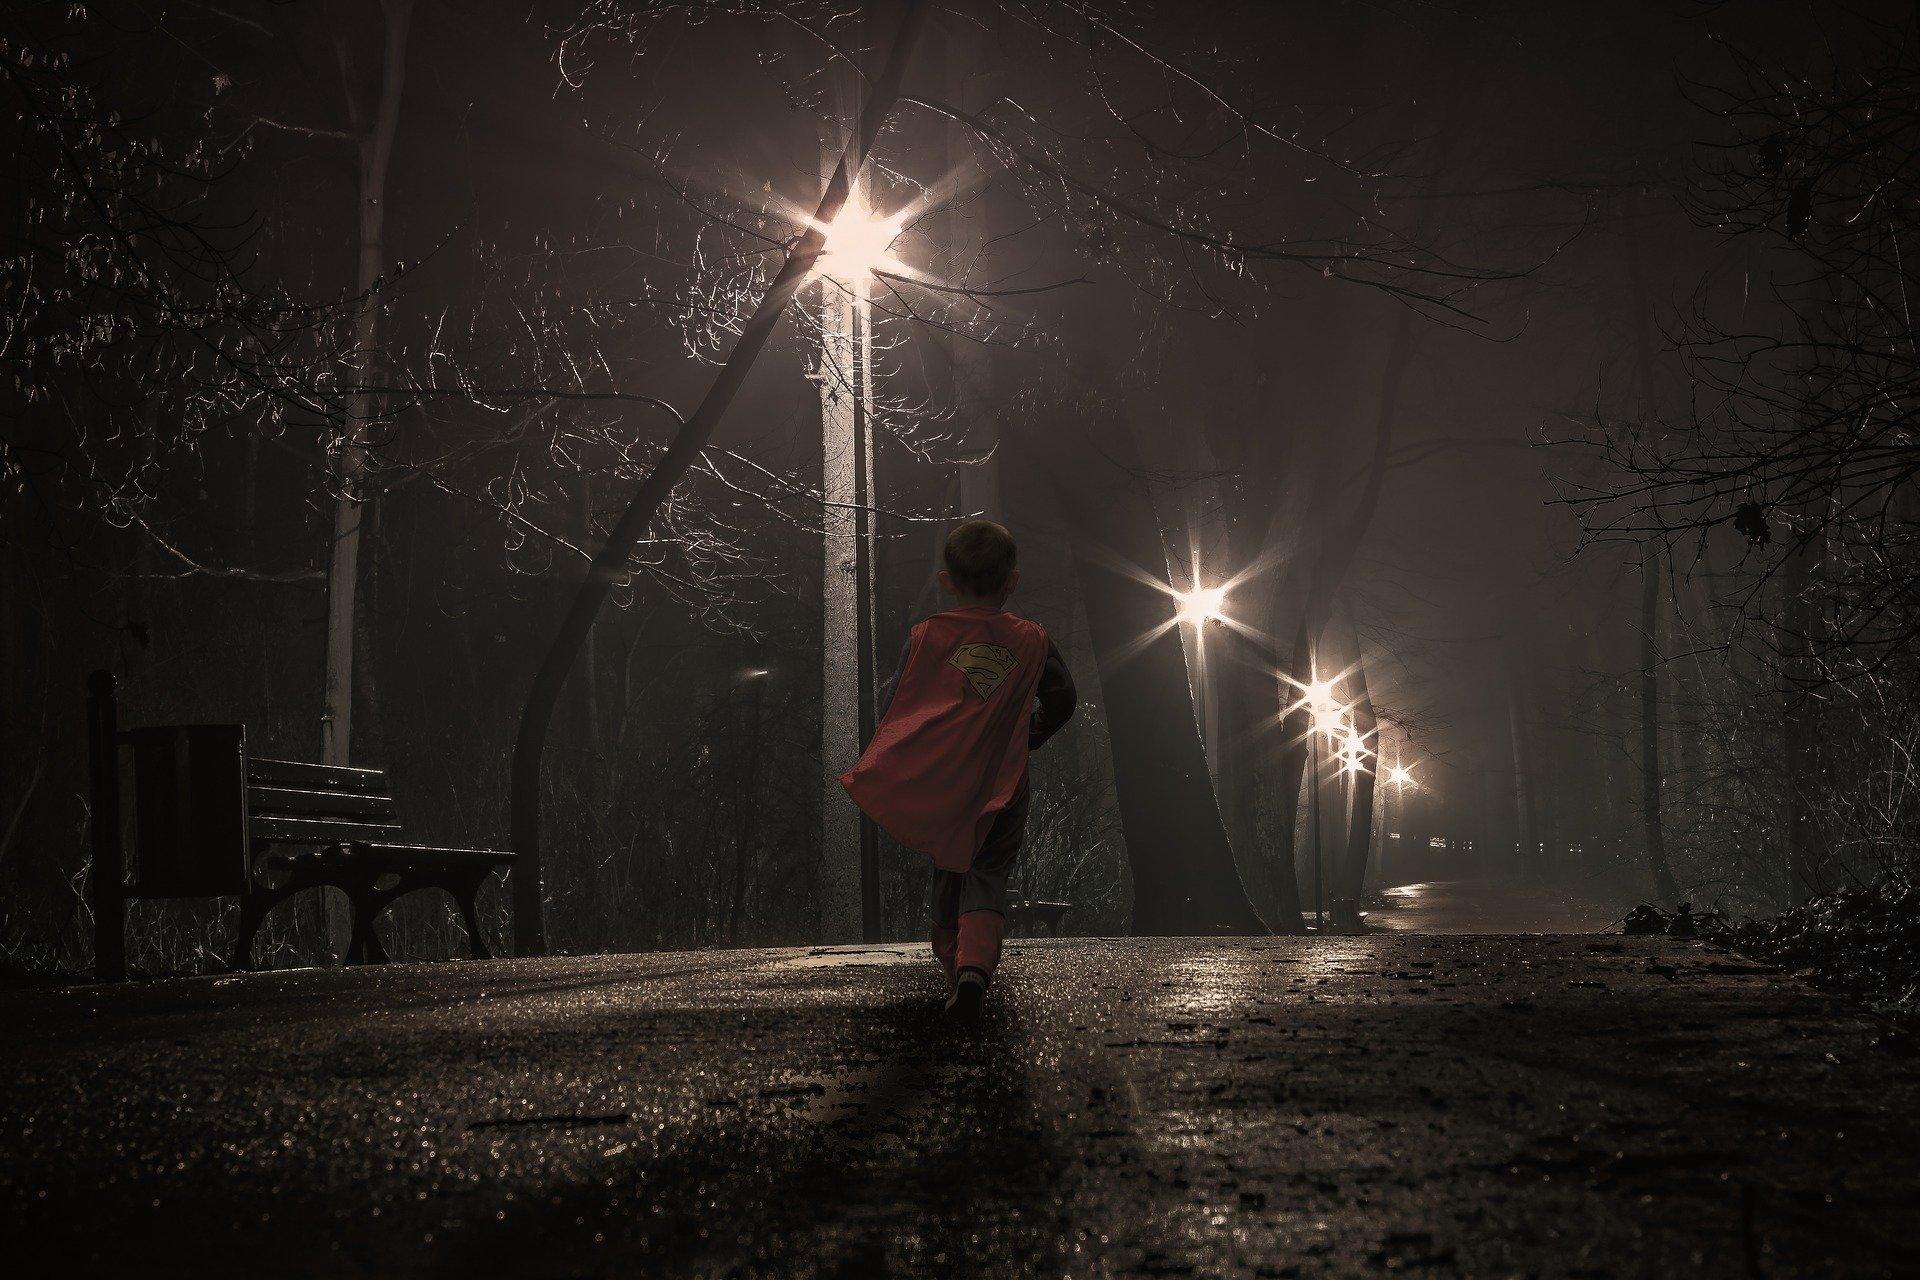 un bambino travestito da superman solo di notte lungo una via